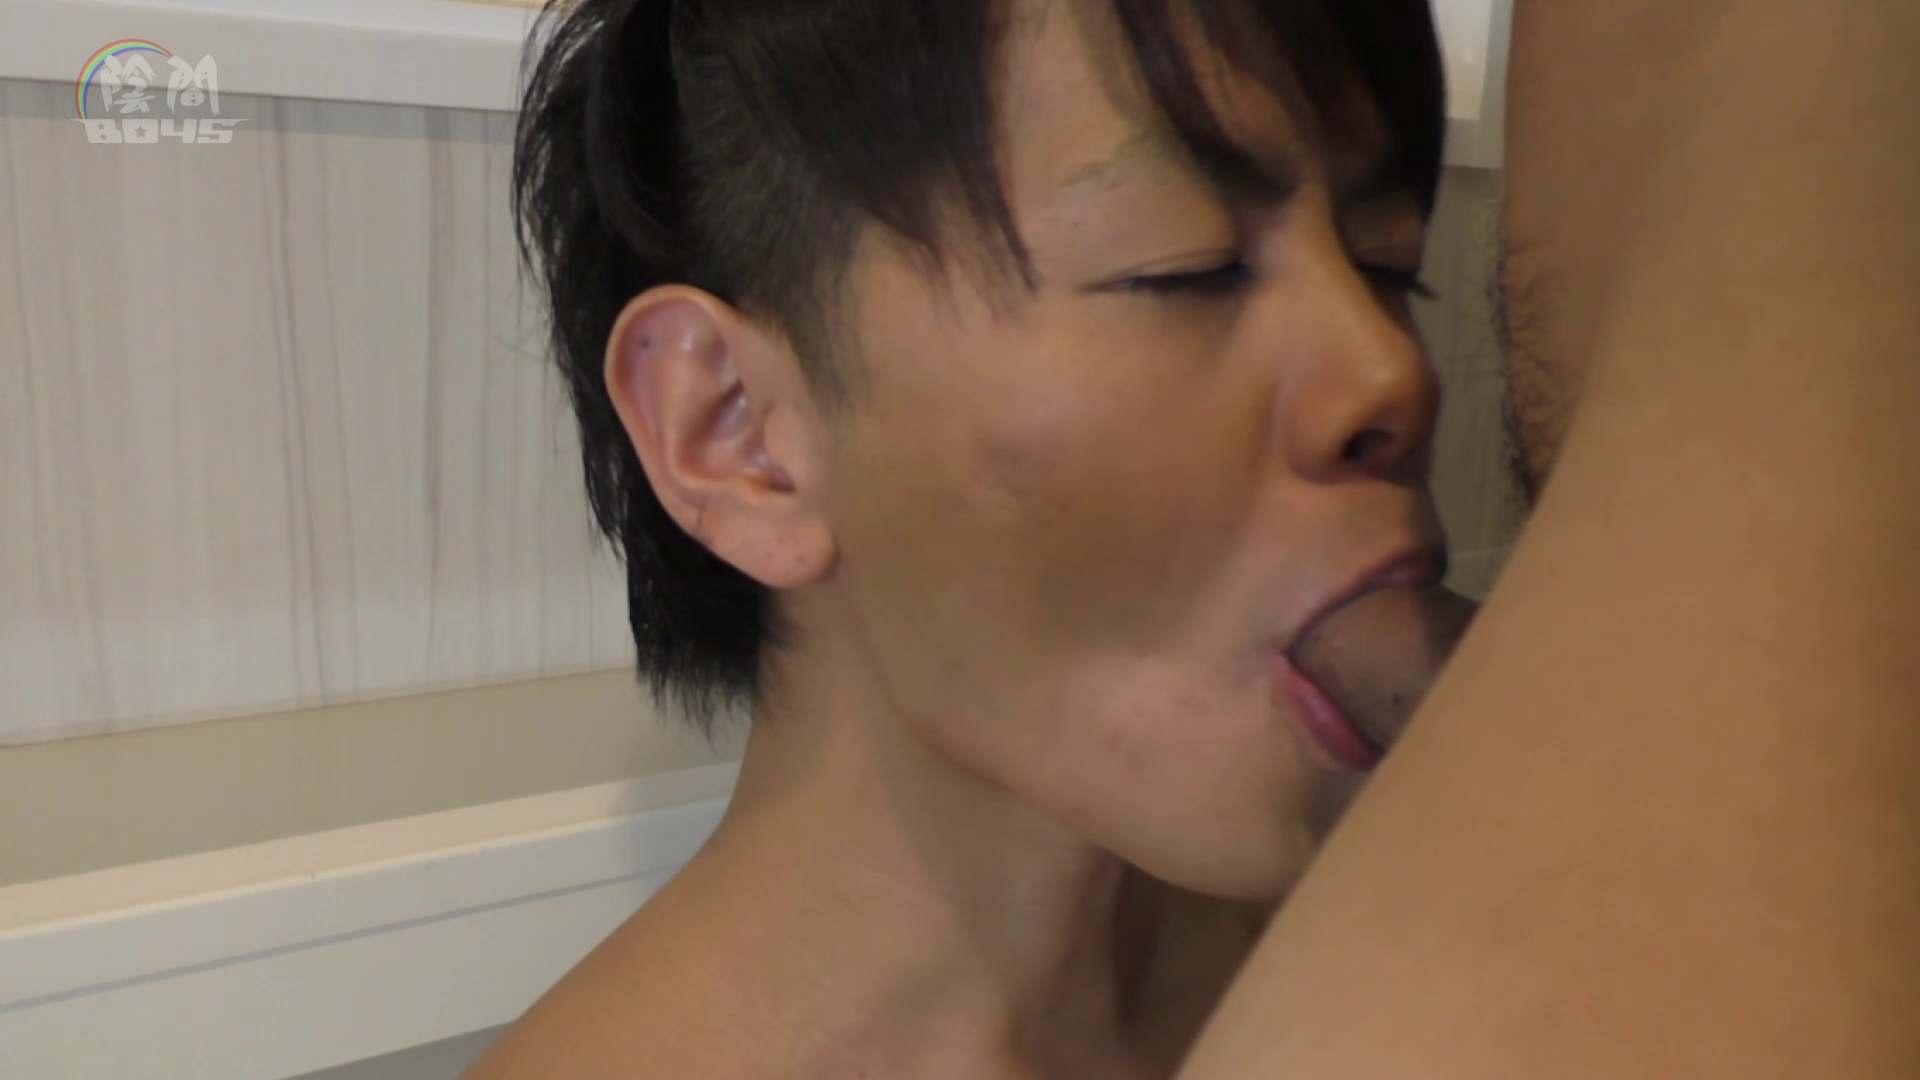 キャバクラの仕事はアナルから6  ~アナルの囁き~Vol.01 ザーメン ゲイ無修正ビデオ画像 74枚 23